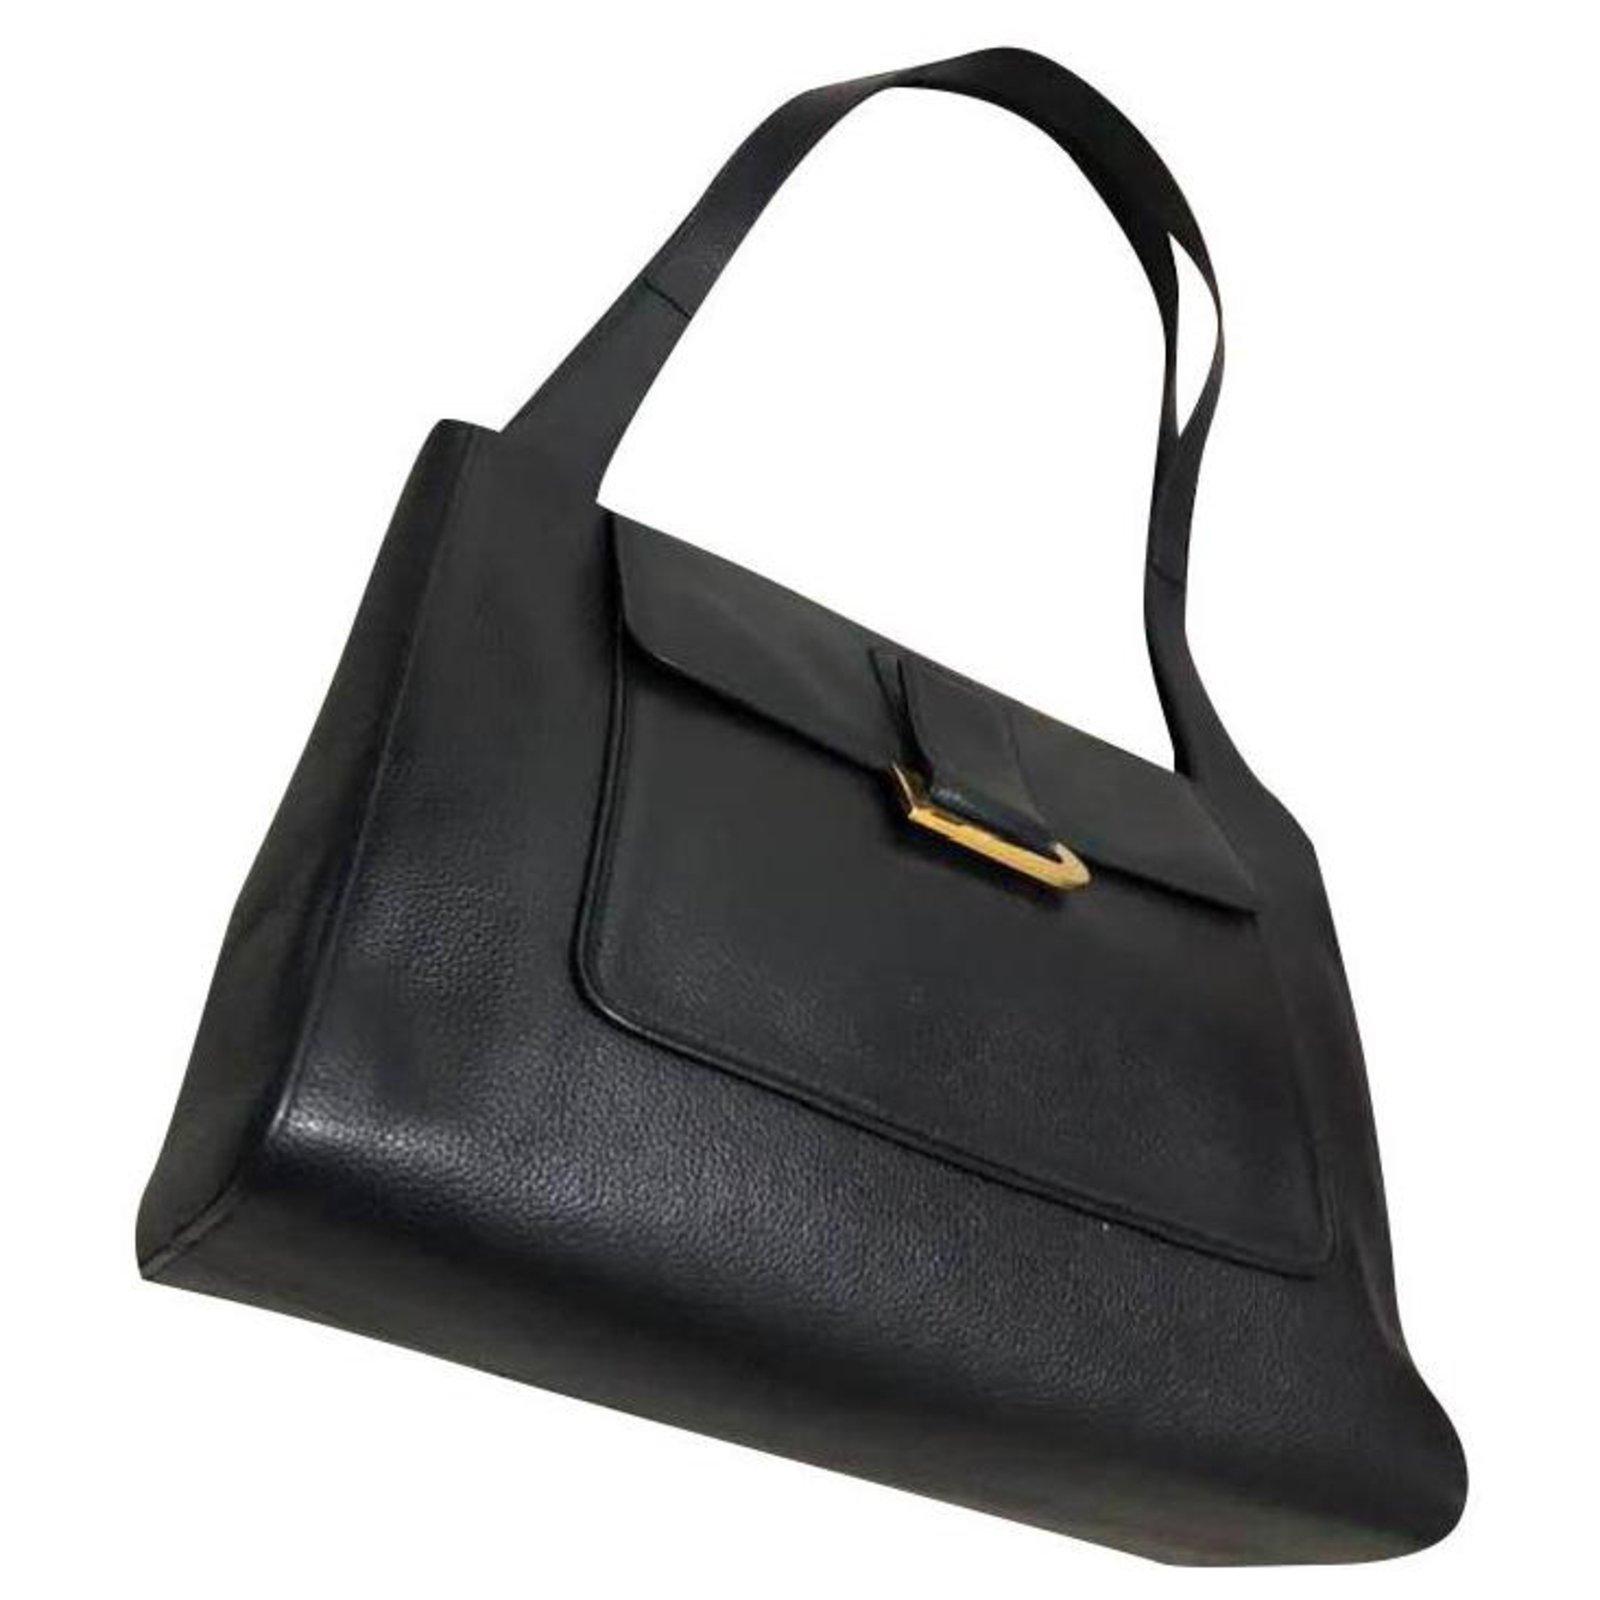 Delvaux Handbags Leather Blue